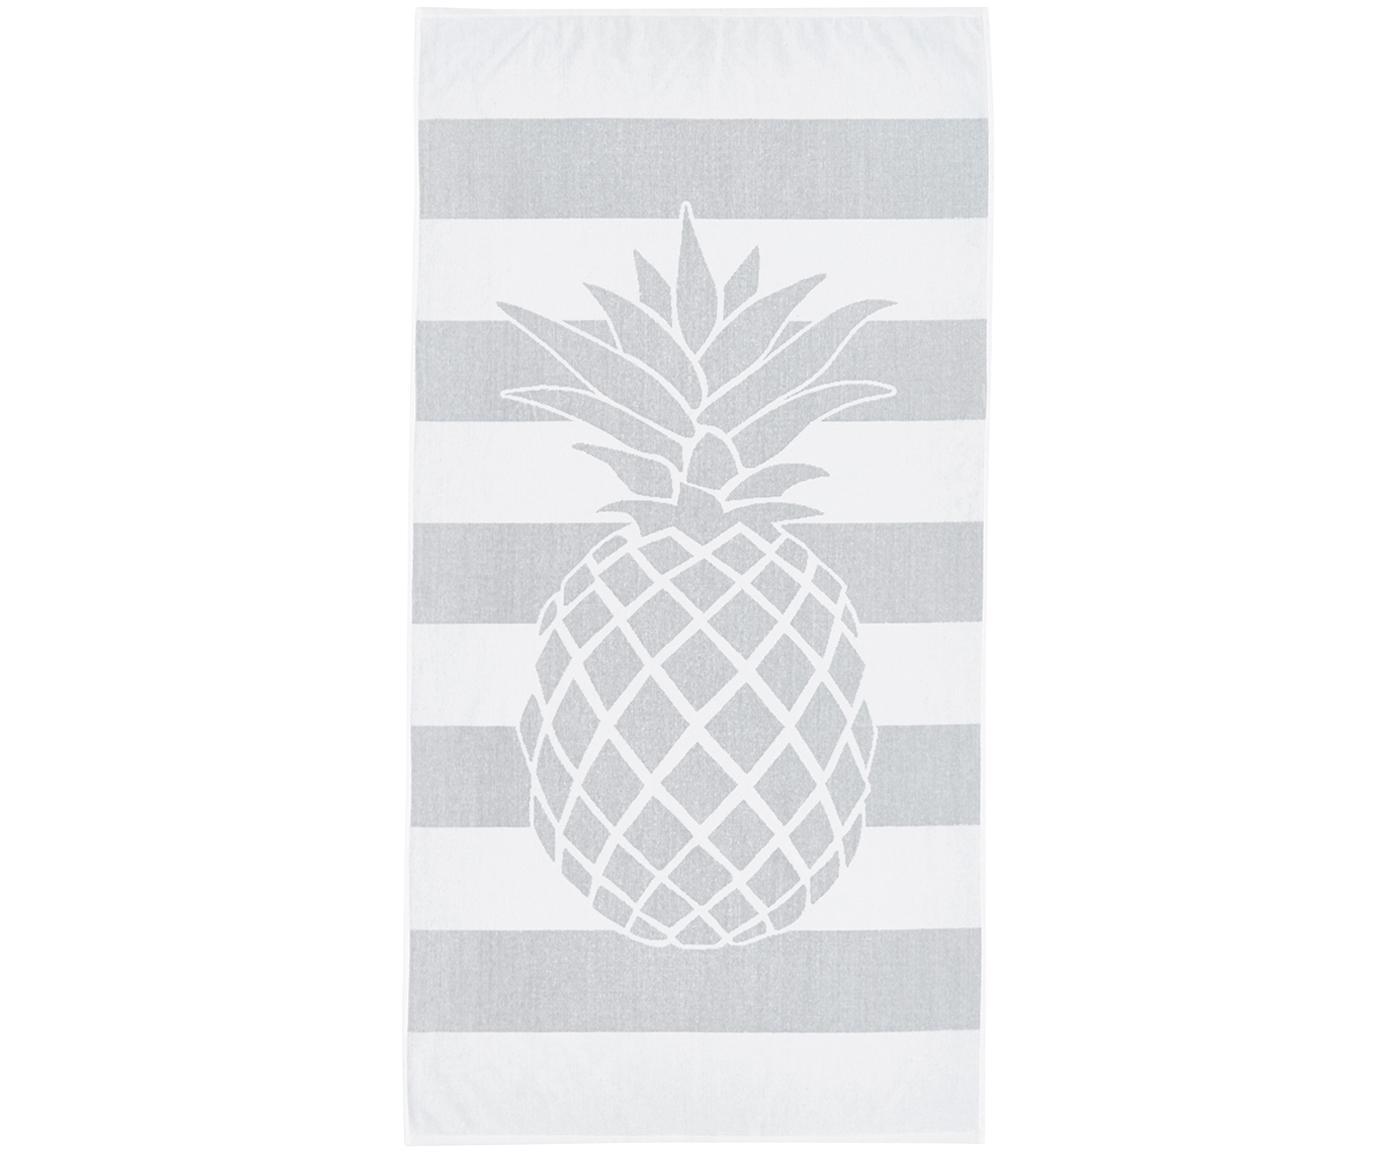 Gestreiftes Strandtuch Asan mit Ananas-Motiv, 100% Baumwolle leichte Qualität 380 g/m², Grau, Weiß, 80 x 160 cm